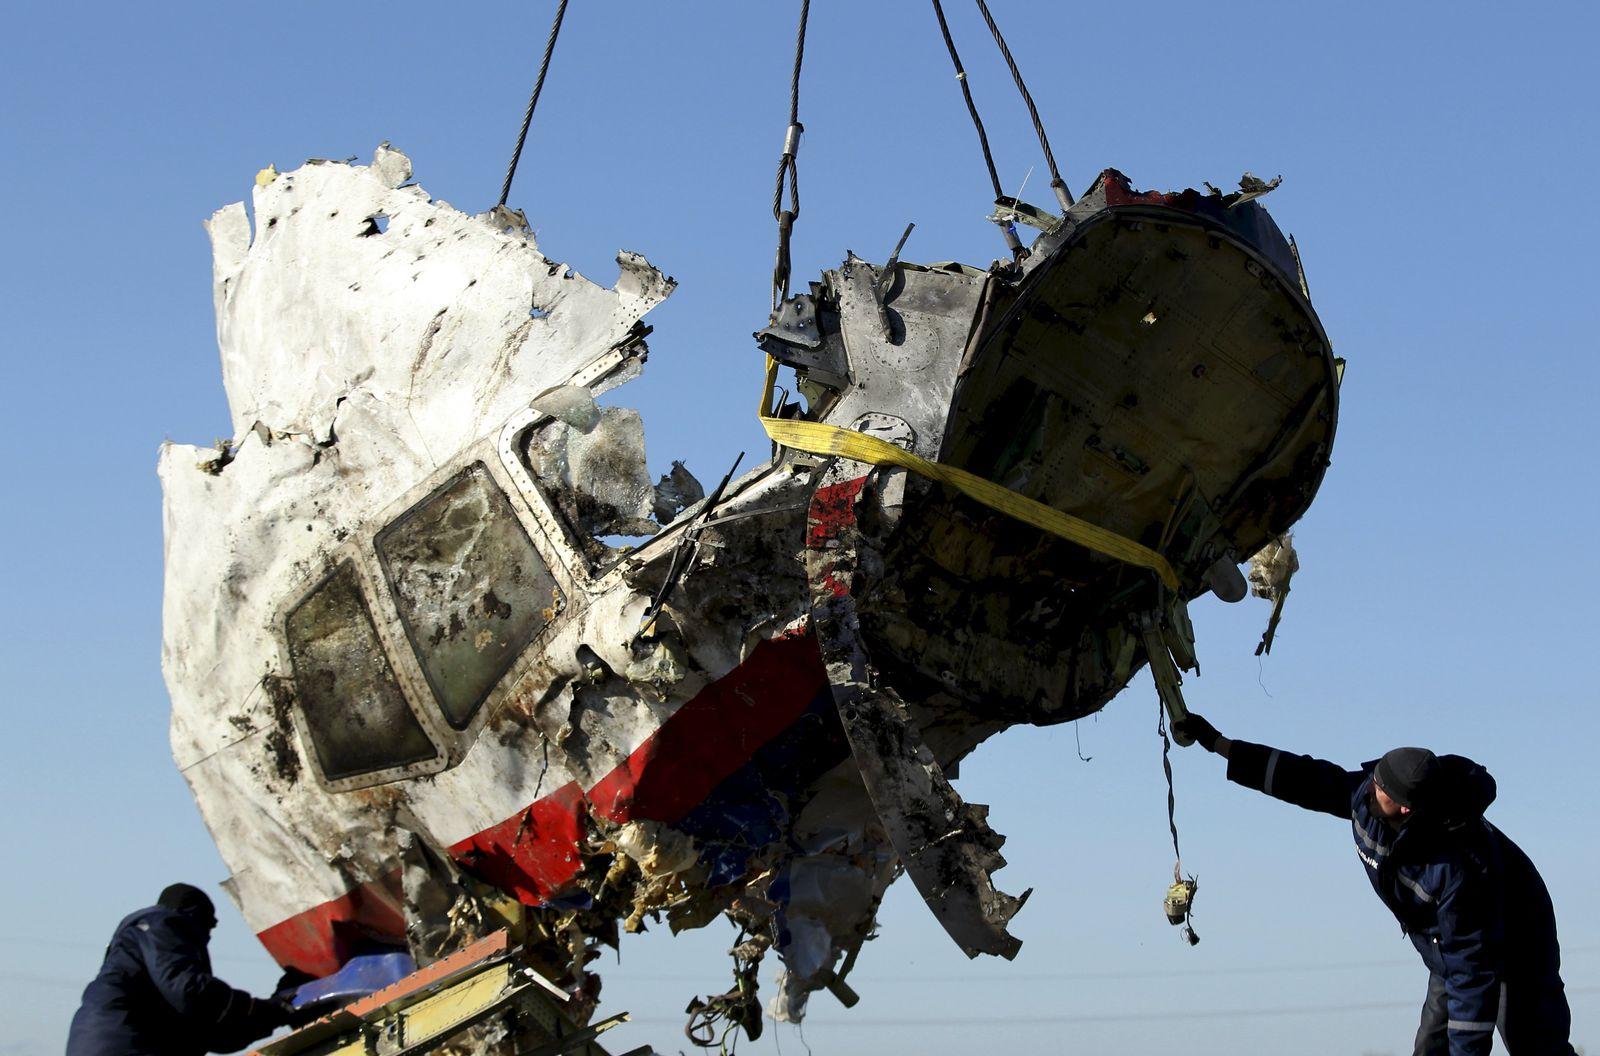 Flug MH17/ Gedenken 1 Jahr danach